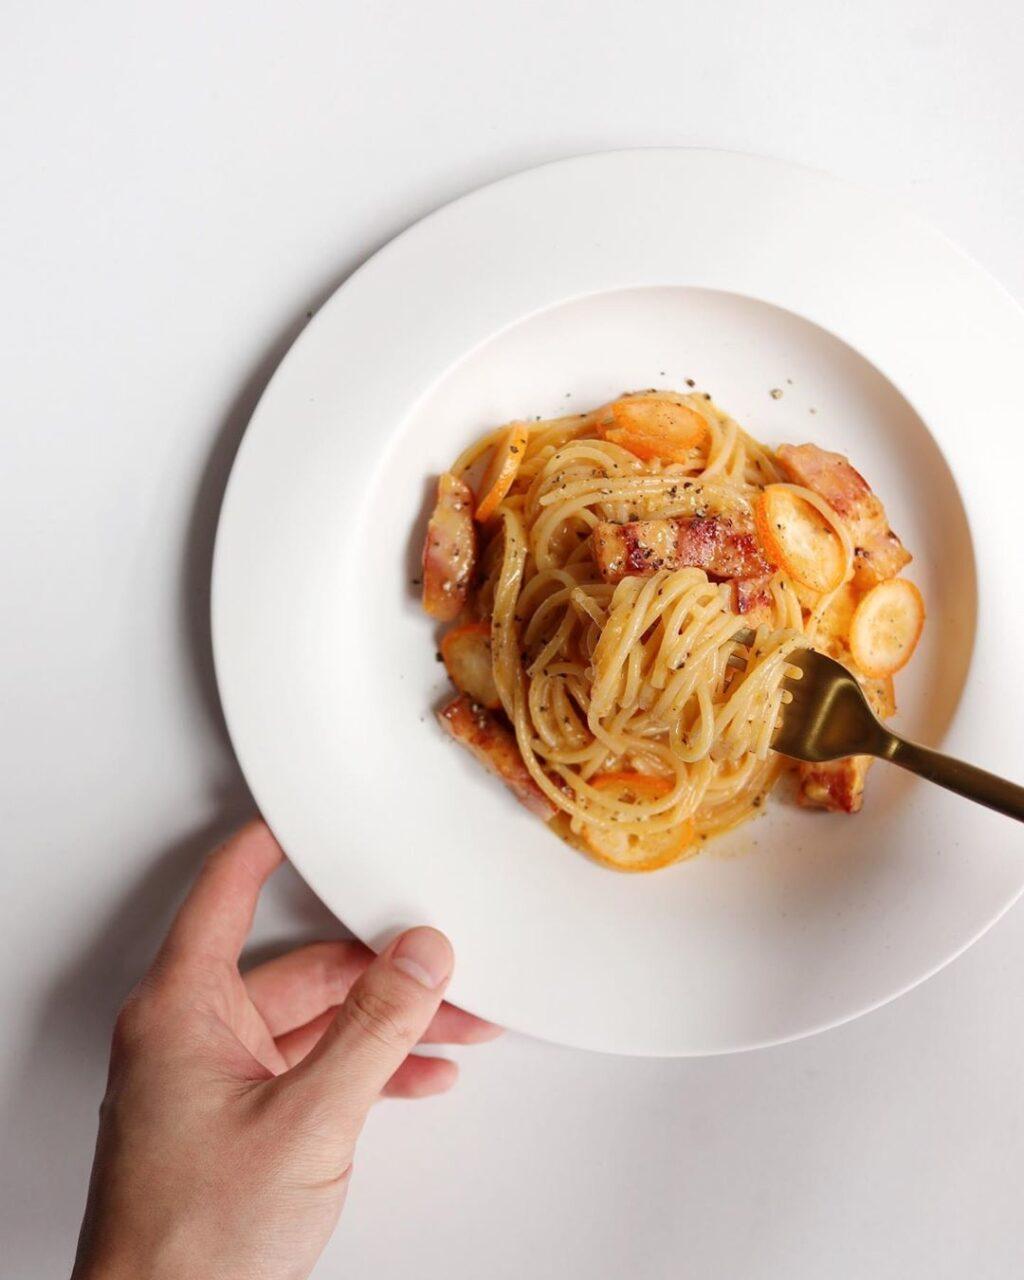 お家でカフェ気分が味わえる♡本格的なのに簡単なトマト・クリームパスタレシピ